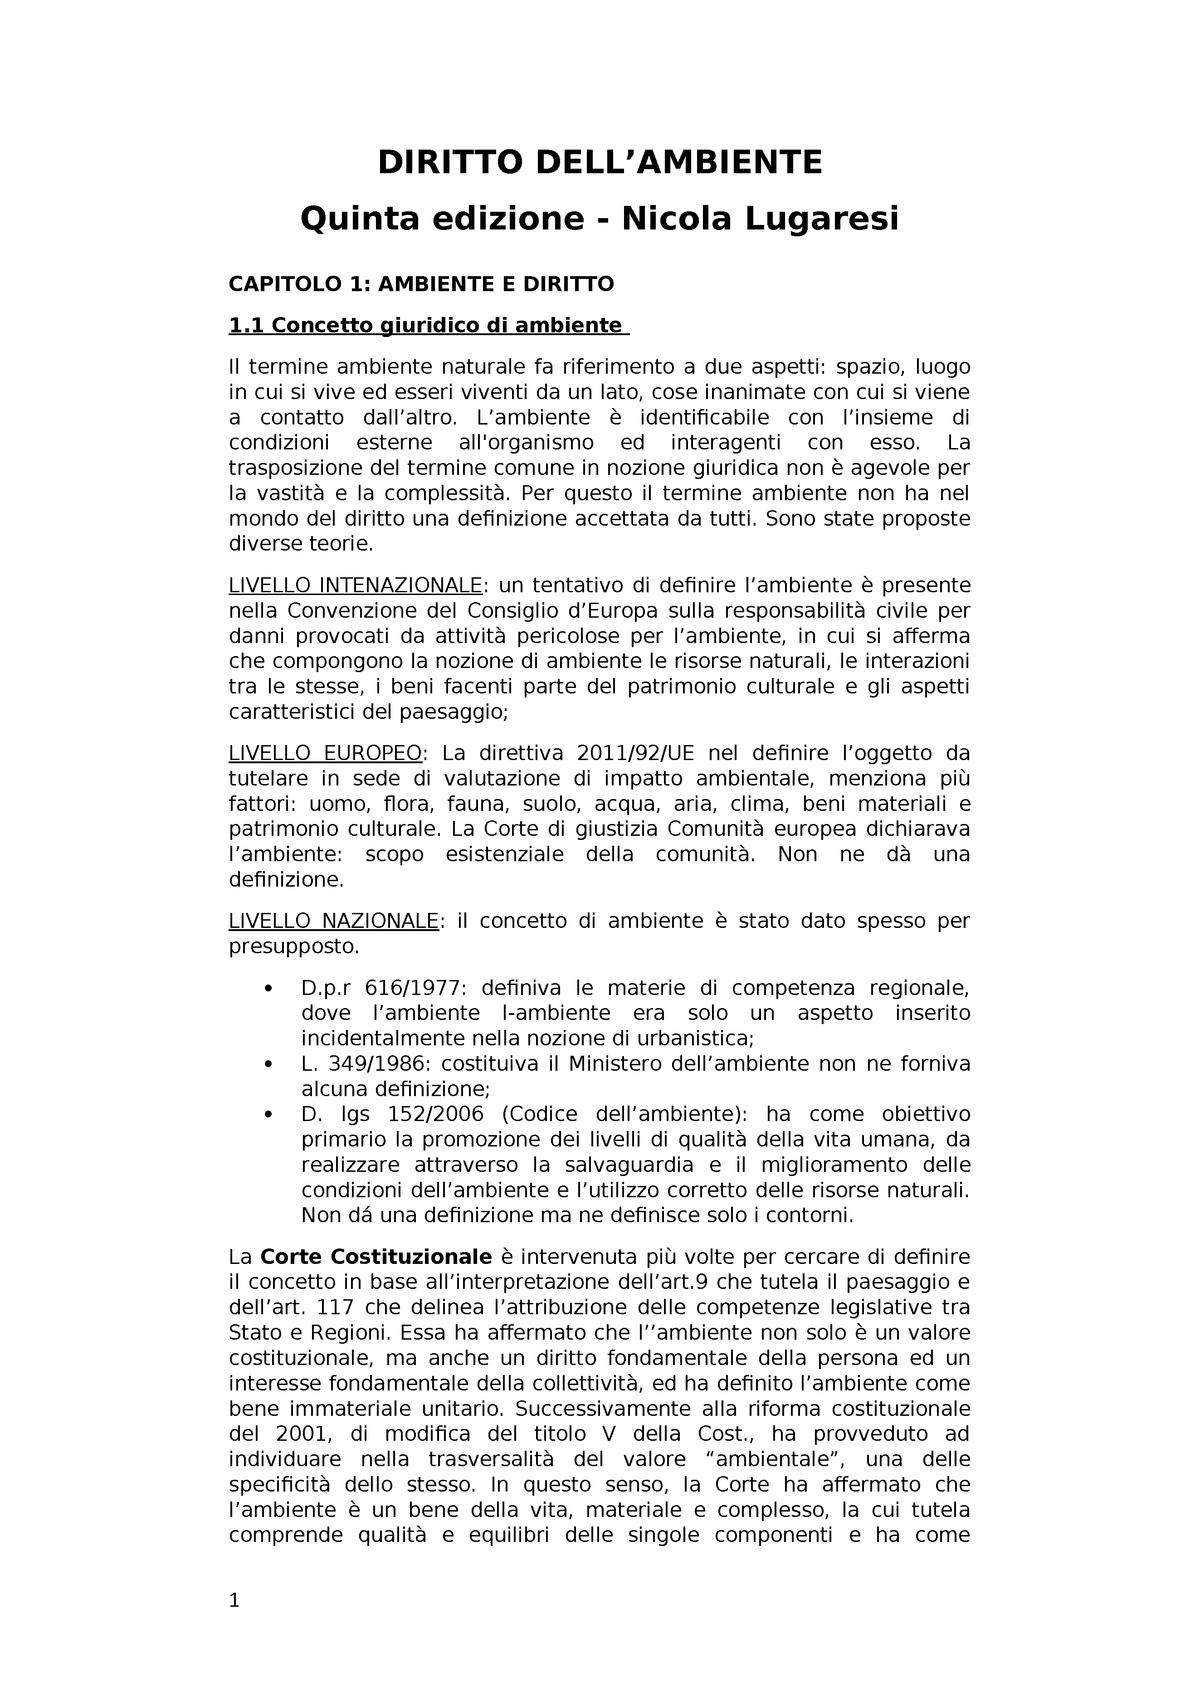 Riassunto Diritto Dell' Ambiente - - UniMi - StuDocu